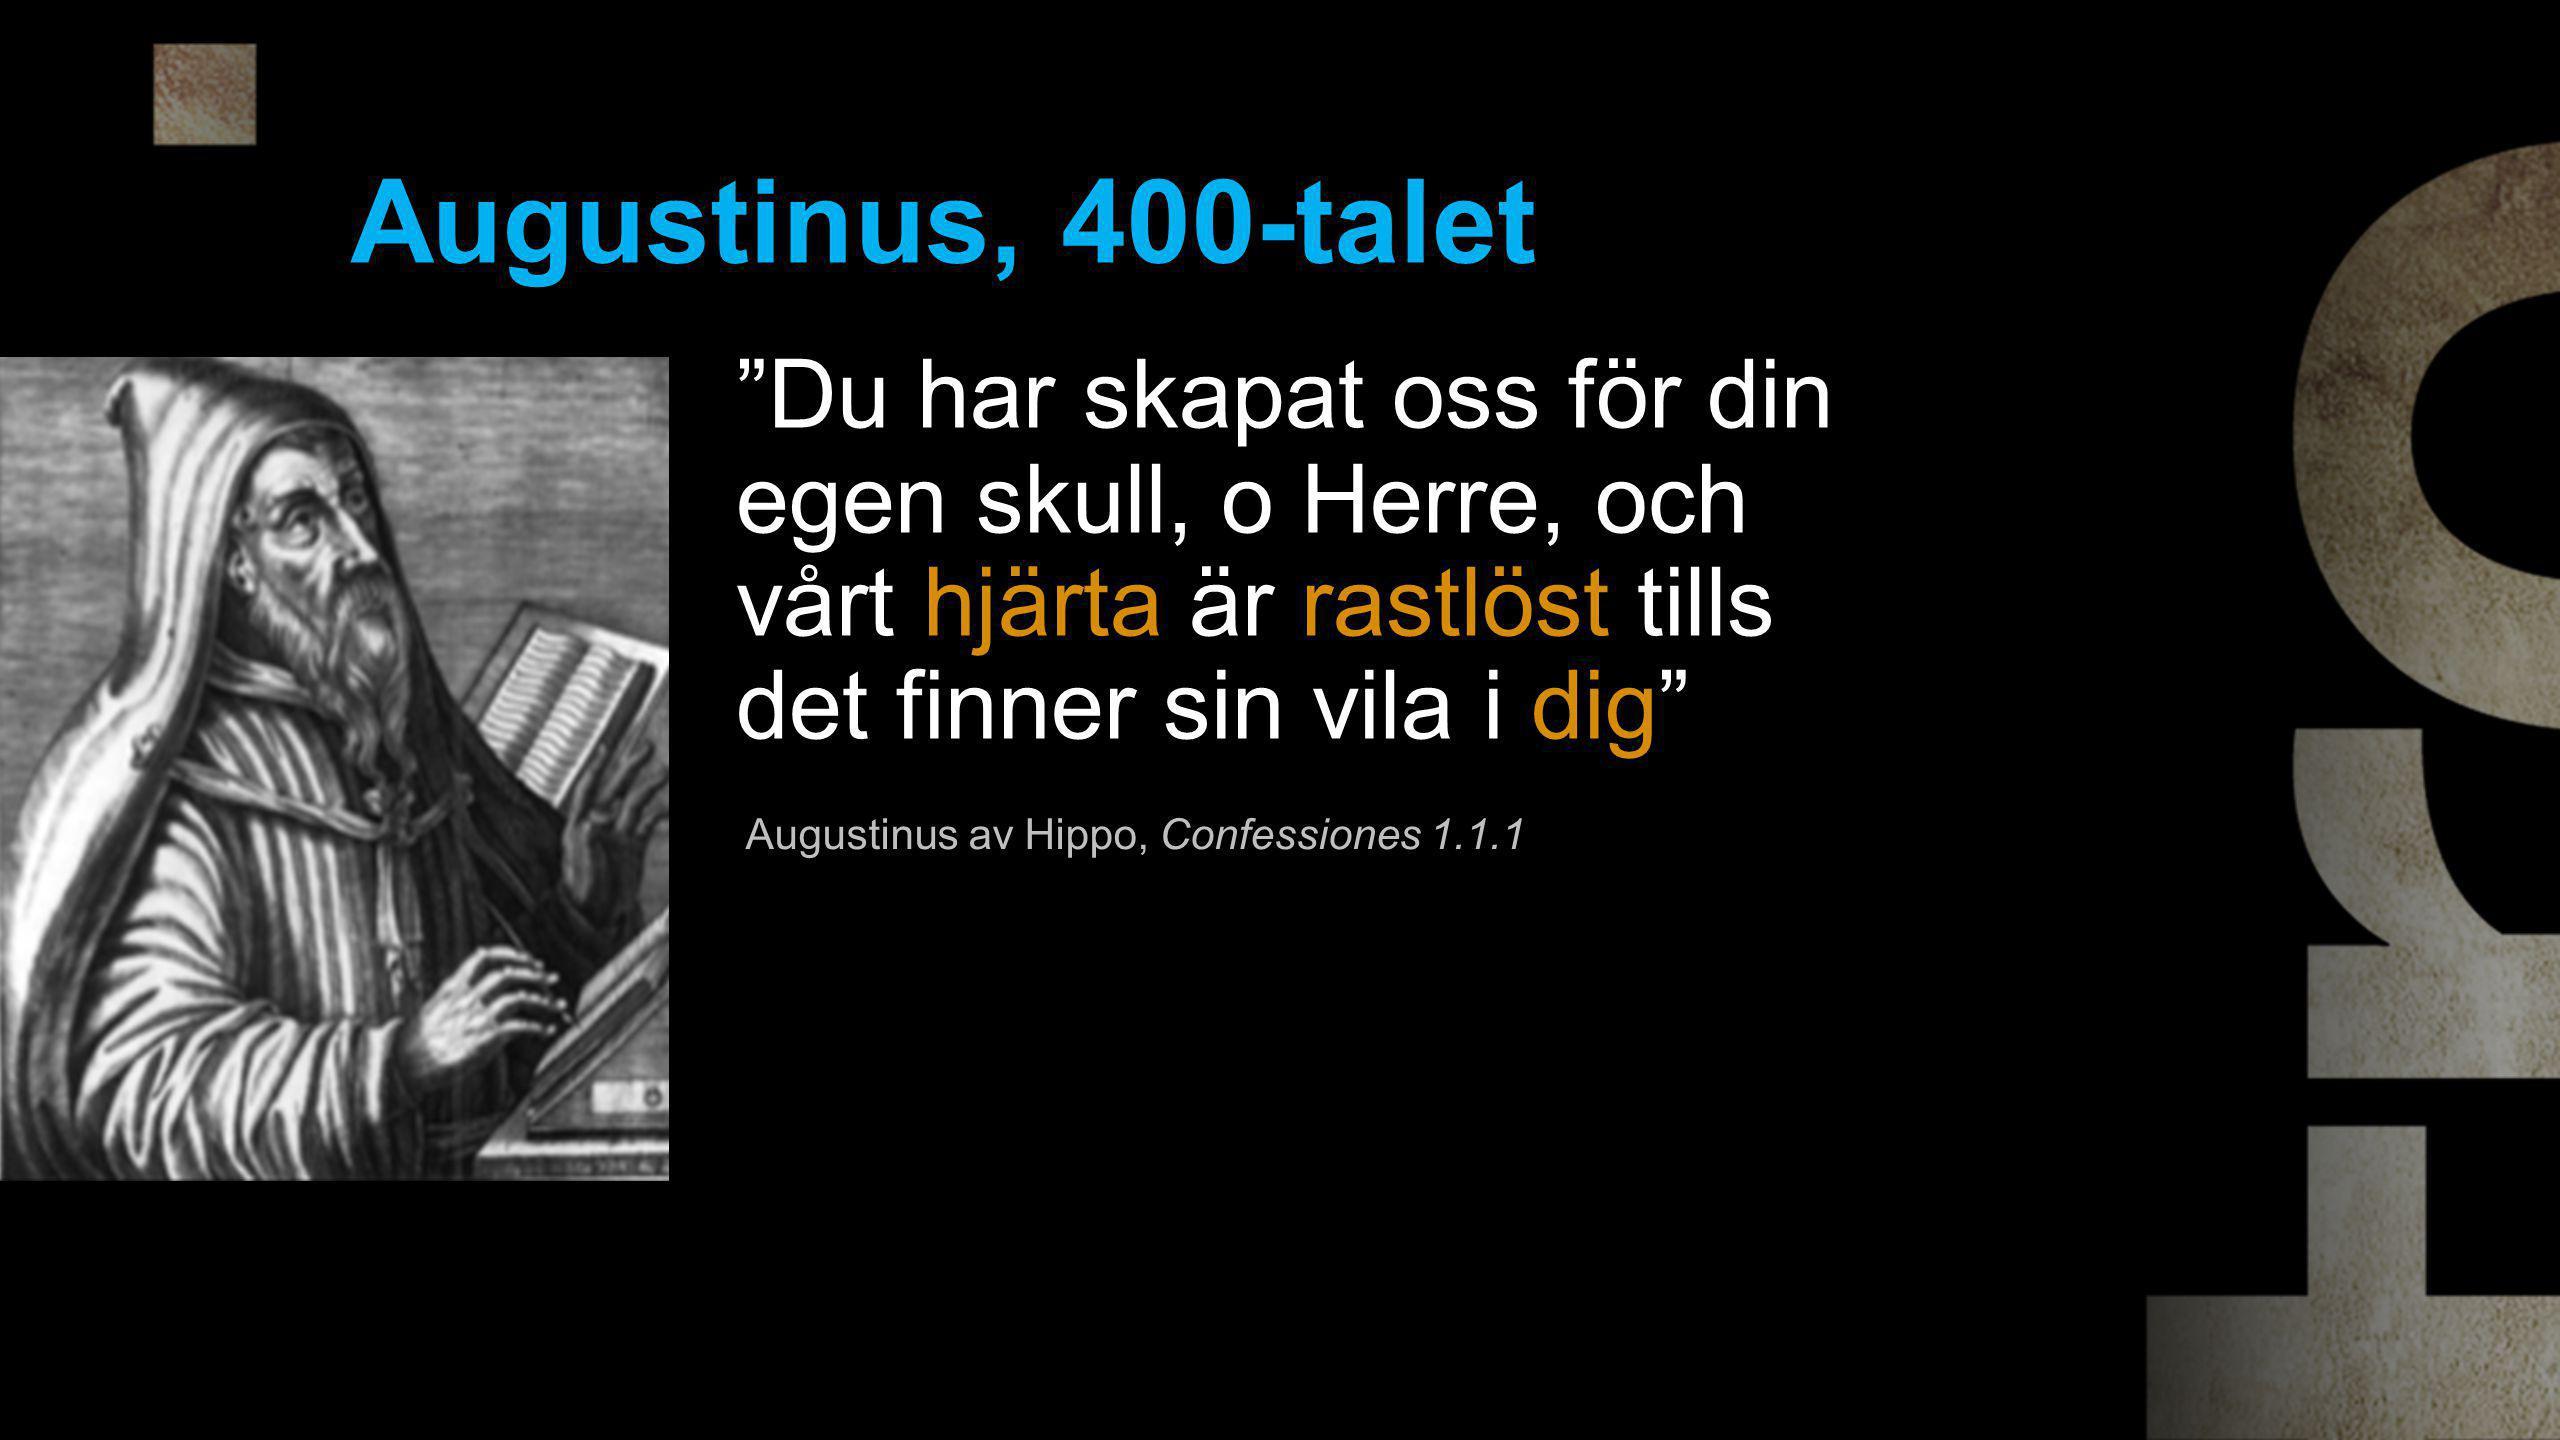 Augustinus, 400-talet Du har skapat oss för din egen skull, o Herre, och vårt hjärta är rastlöst tills det finner sin vila i dig